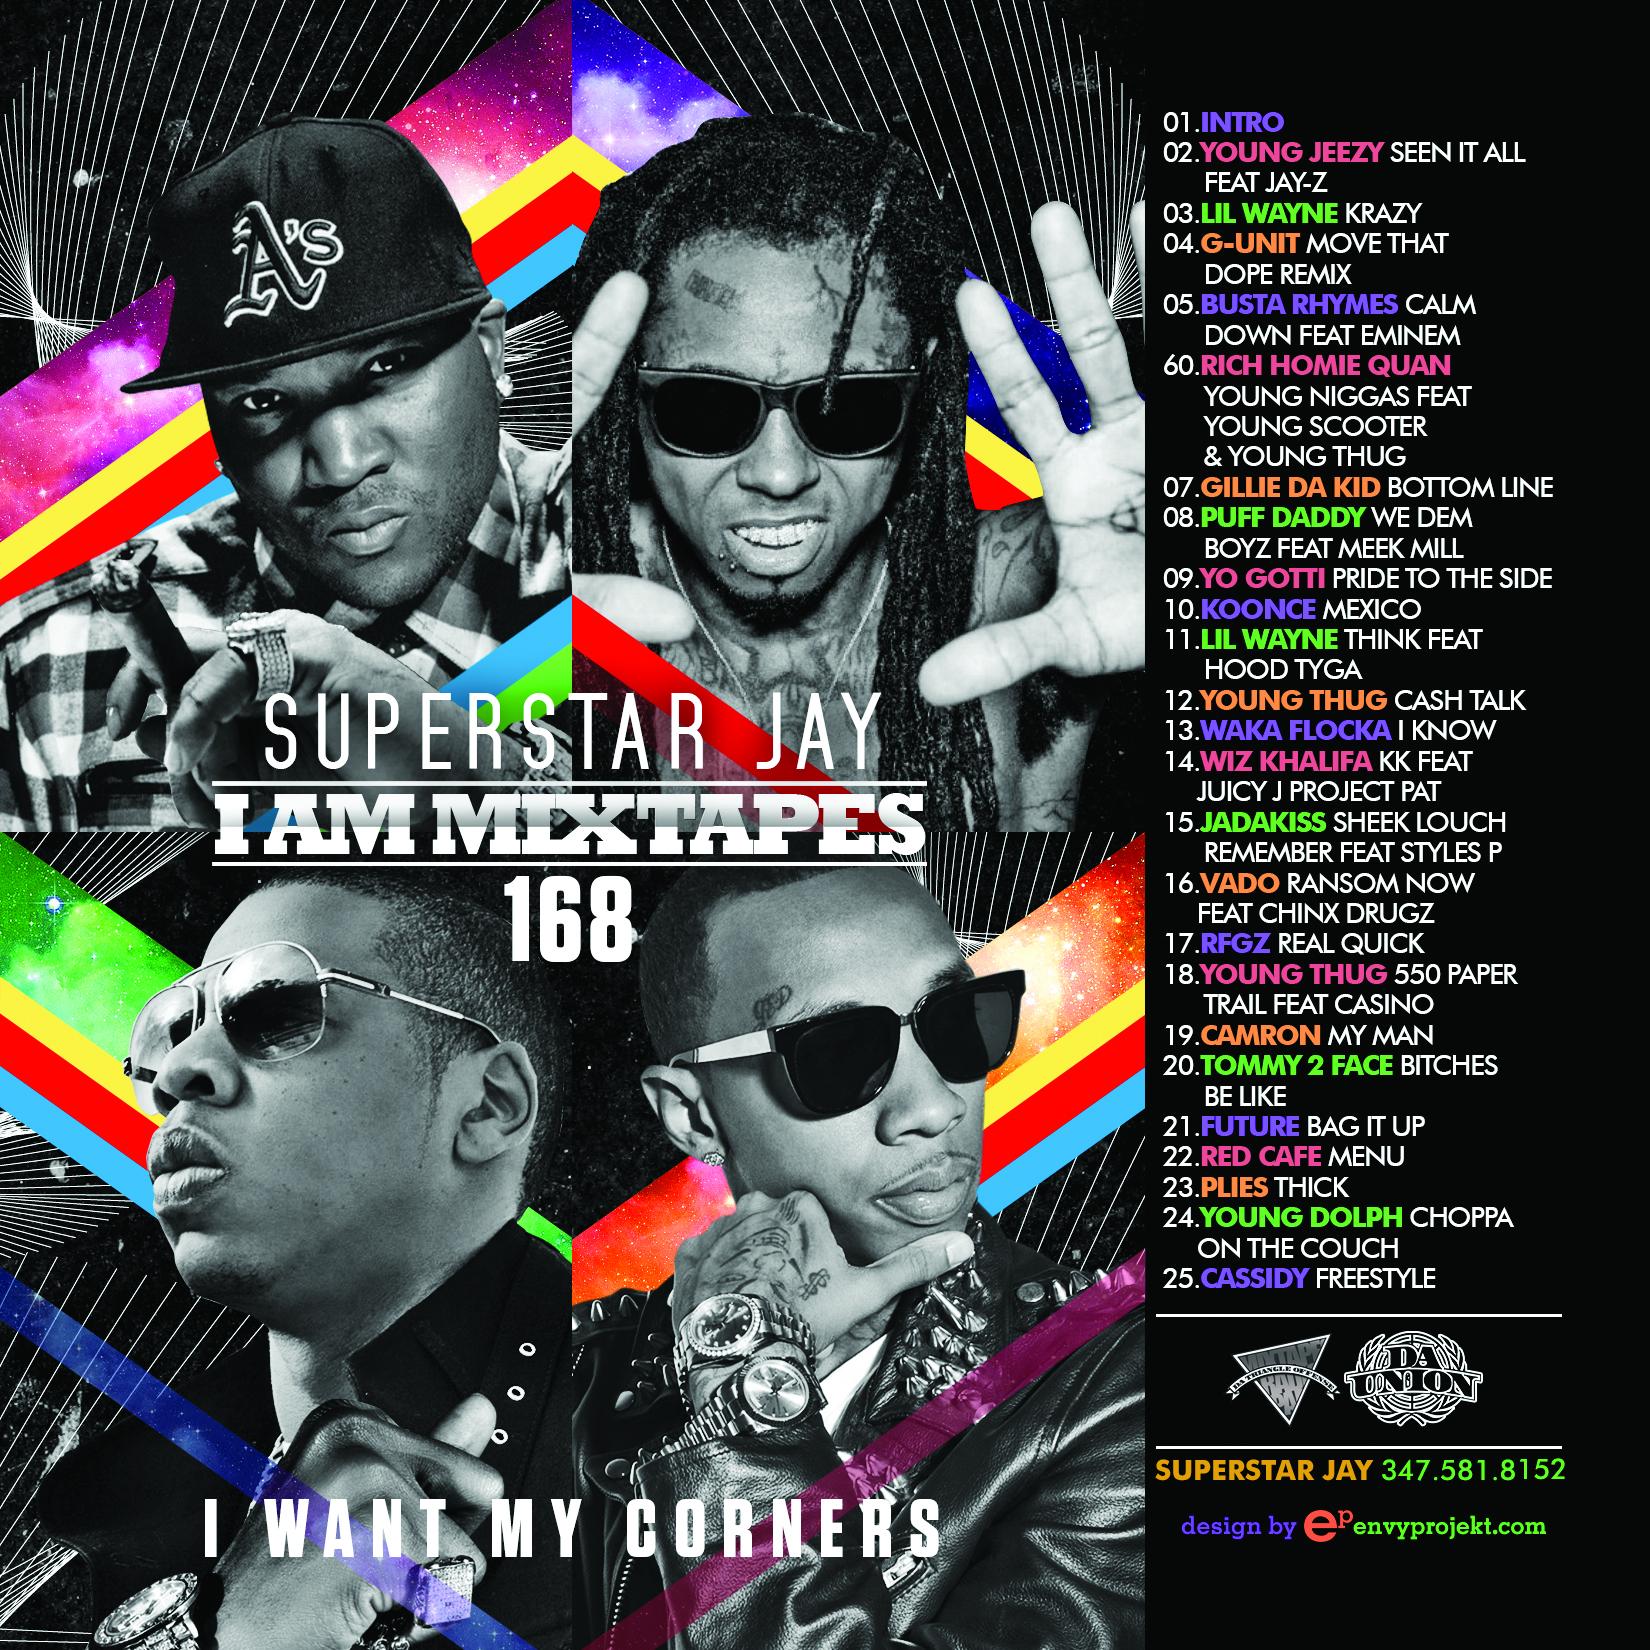 superstar jay i am mixtapes 168 i want my corners buymixtapes com